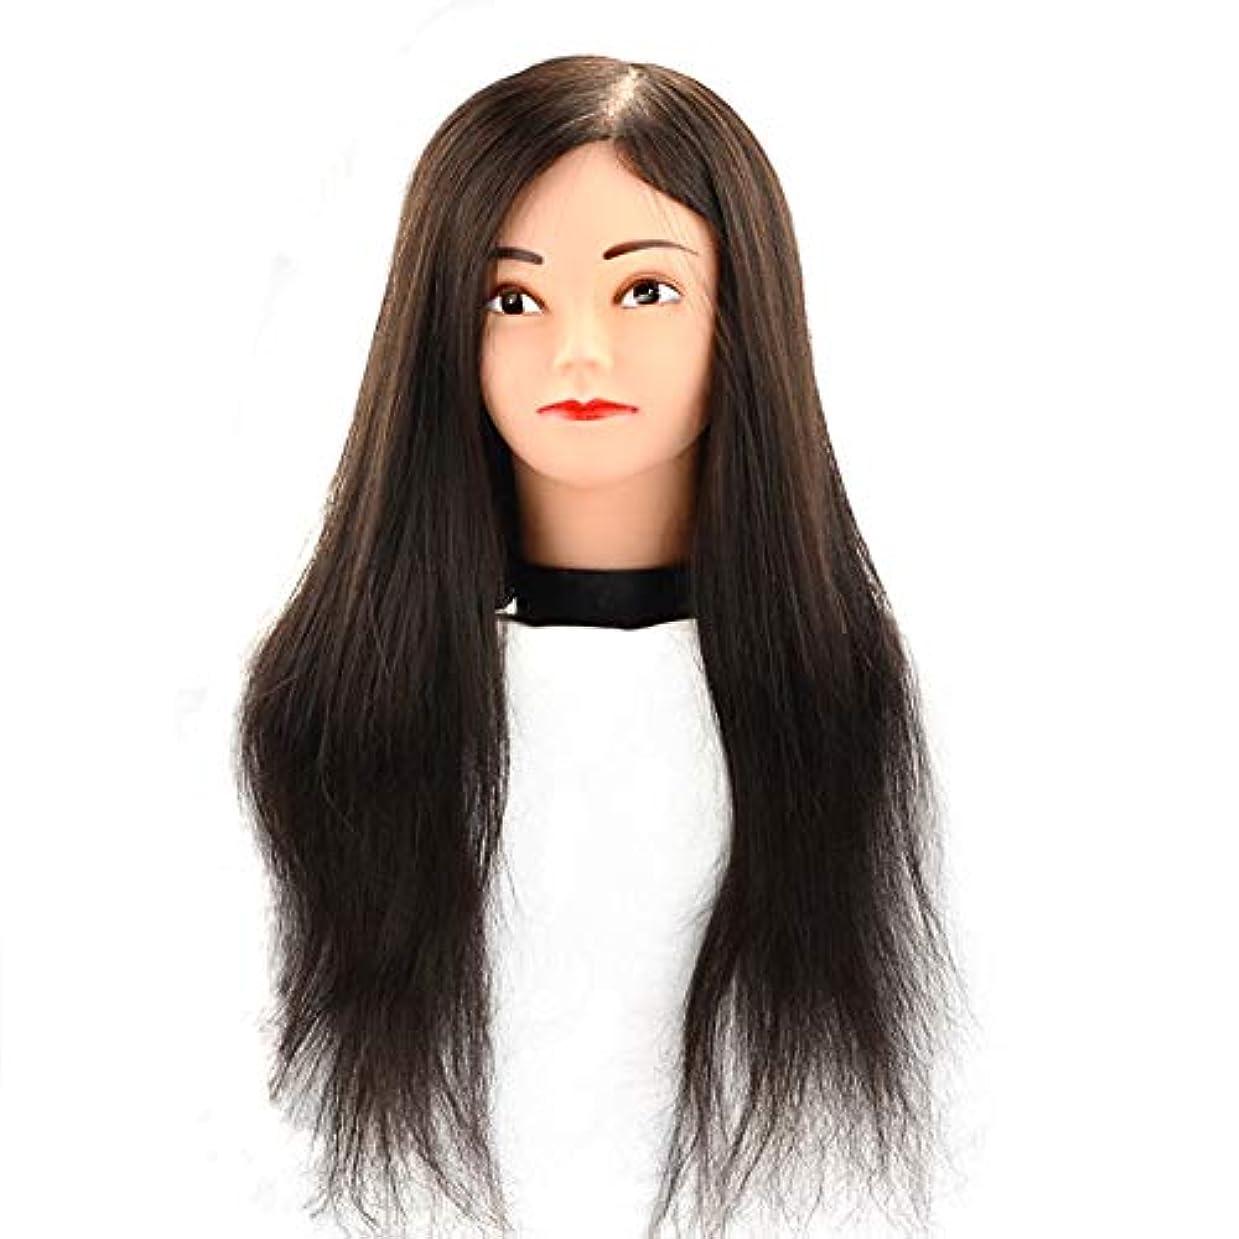 パイグリットポスター理髪店パーマ染め髪ダミー練習ヘッド花嫁ディスク髪編組学習ヘッドモデルヘアマネキンヘッド